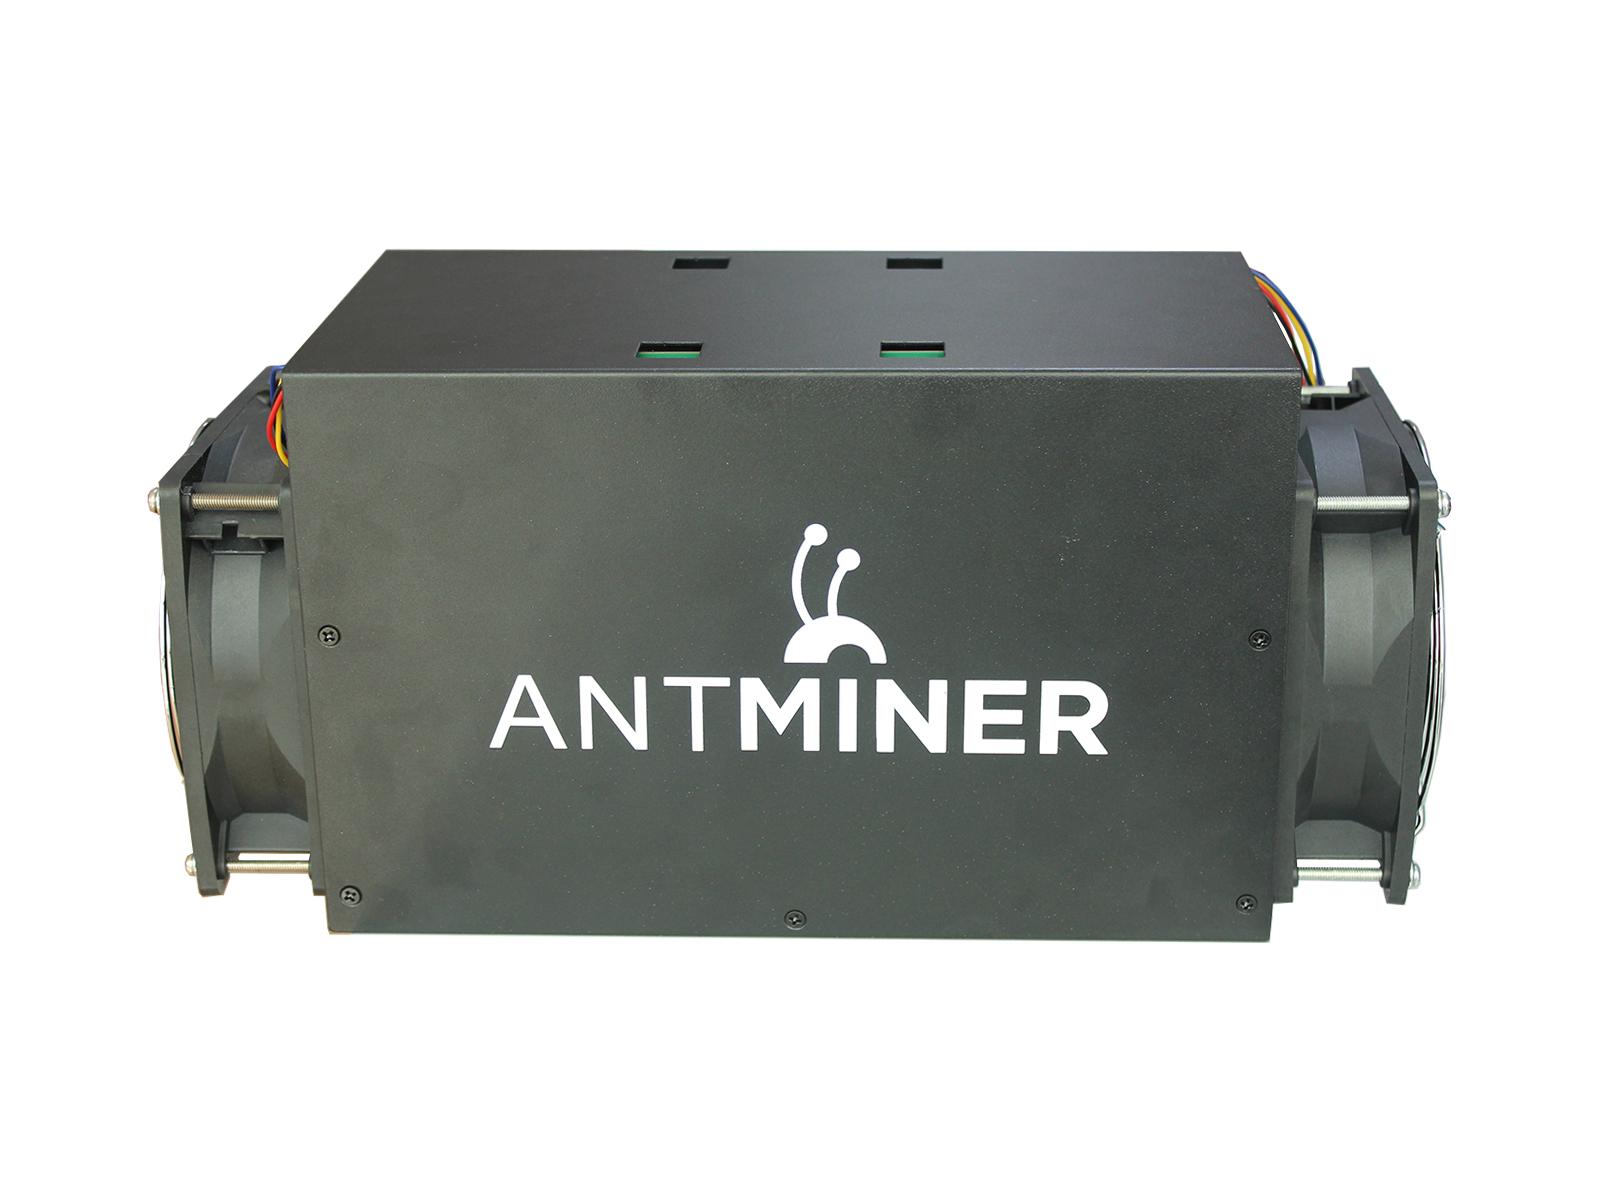 antminer s3 характеристики